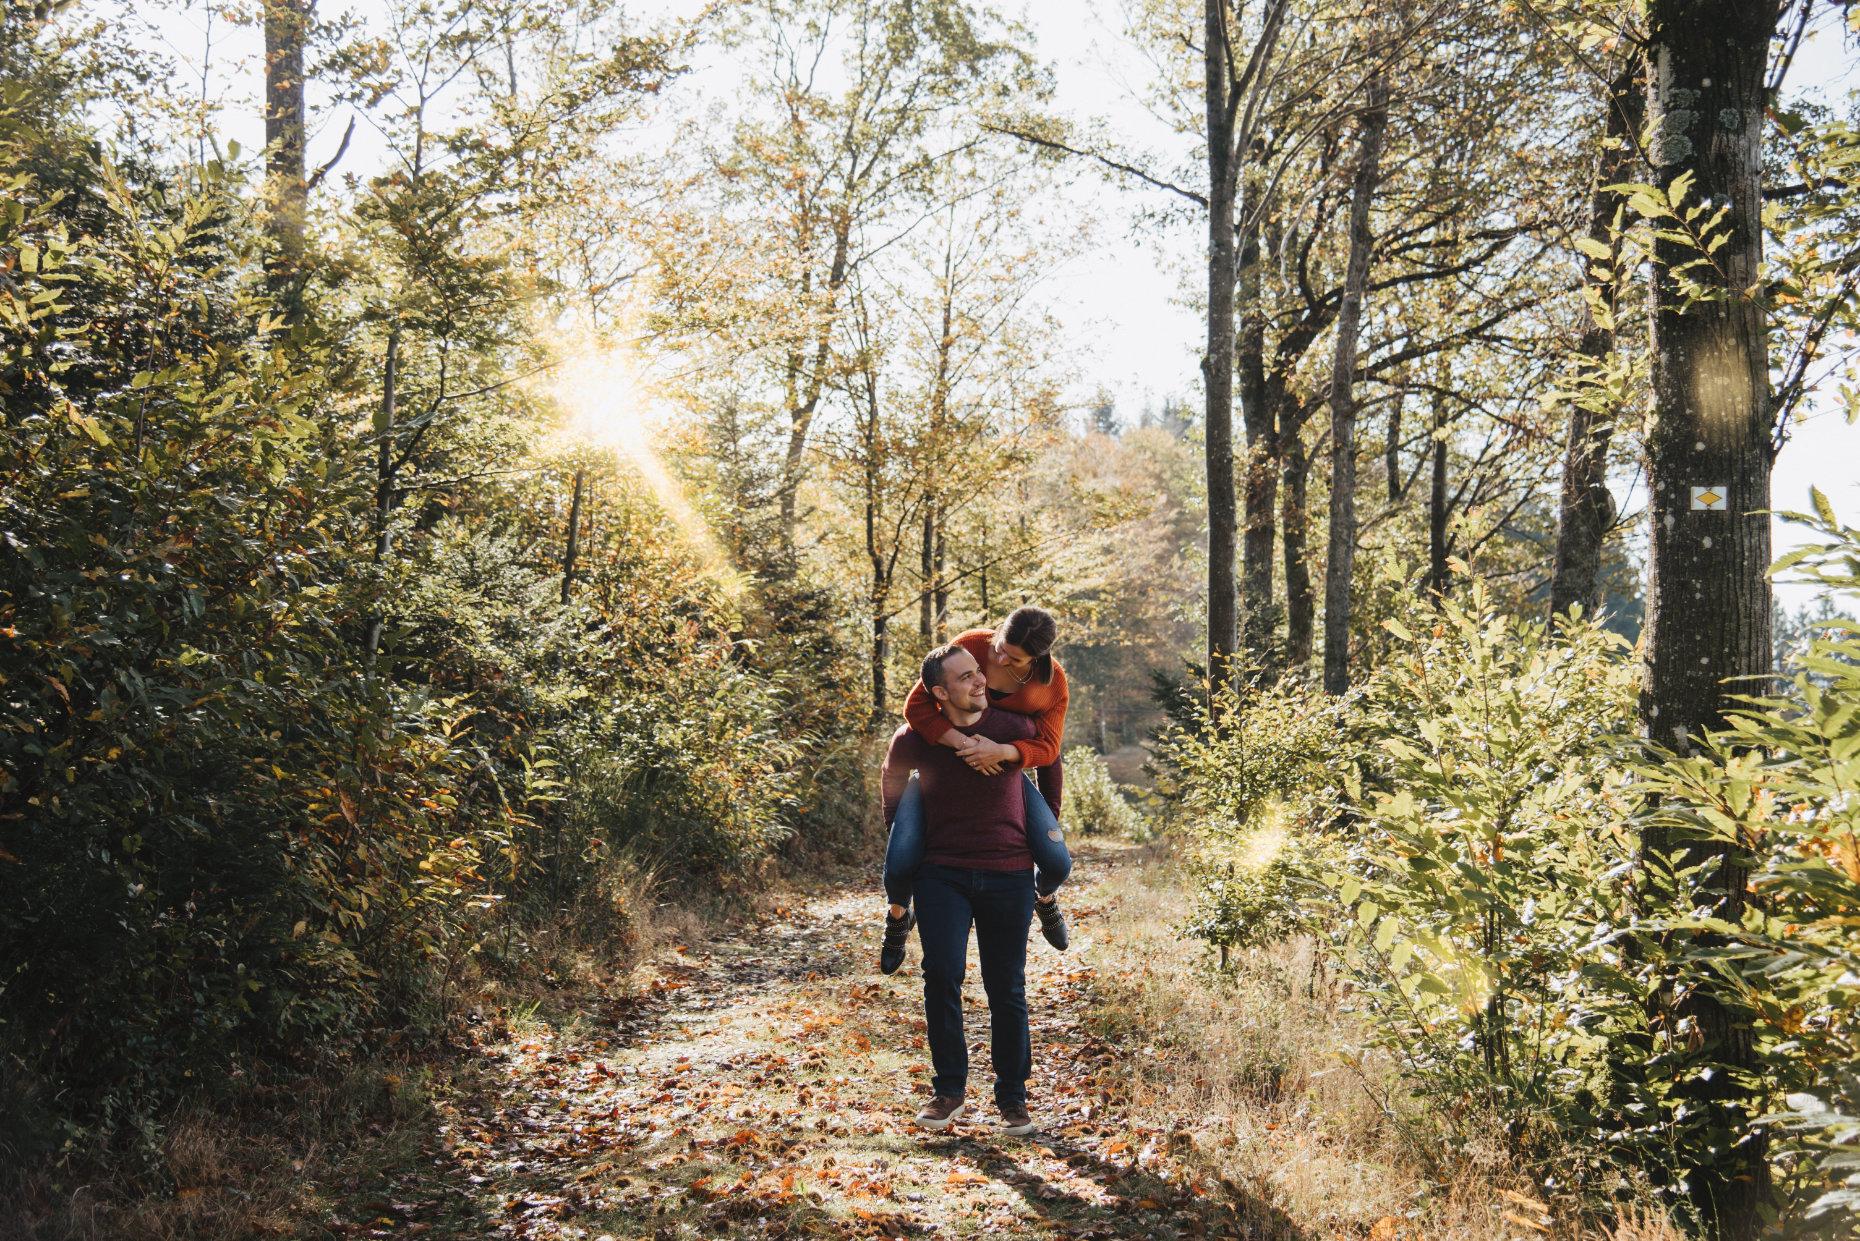 Verlobungsshooting im Wald - Er trägt sie auf Händen